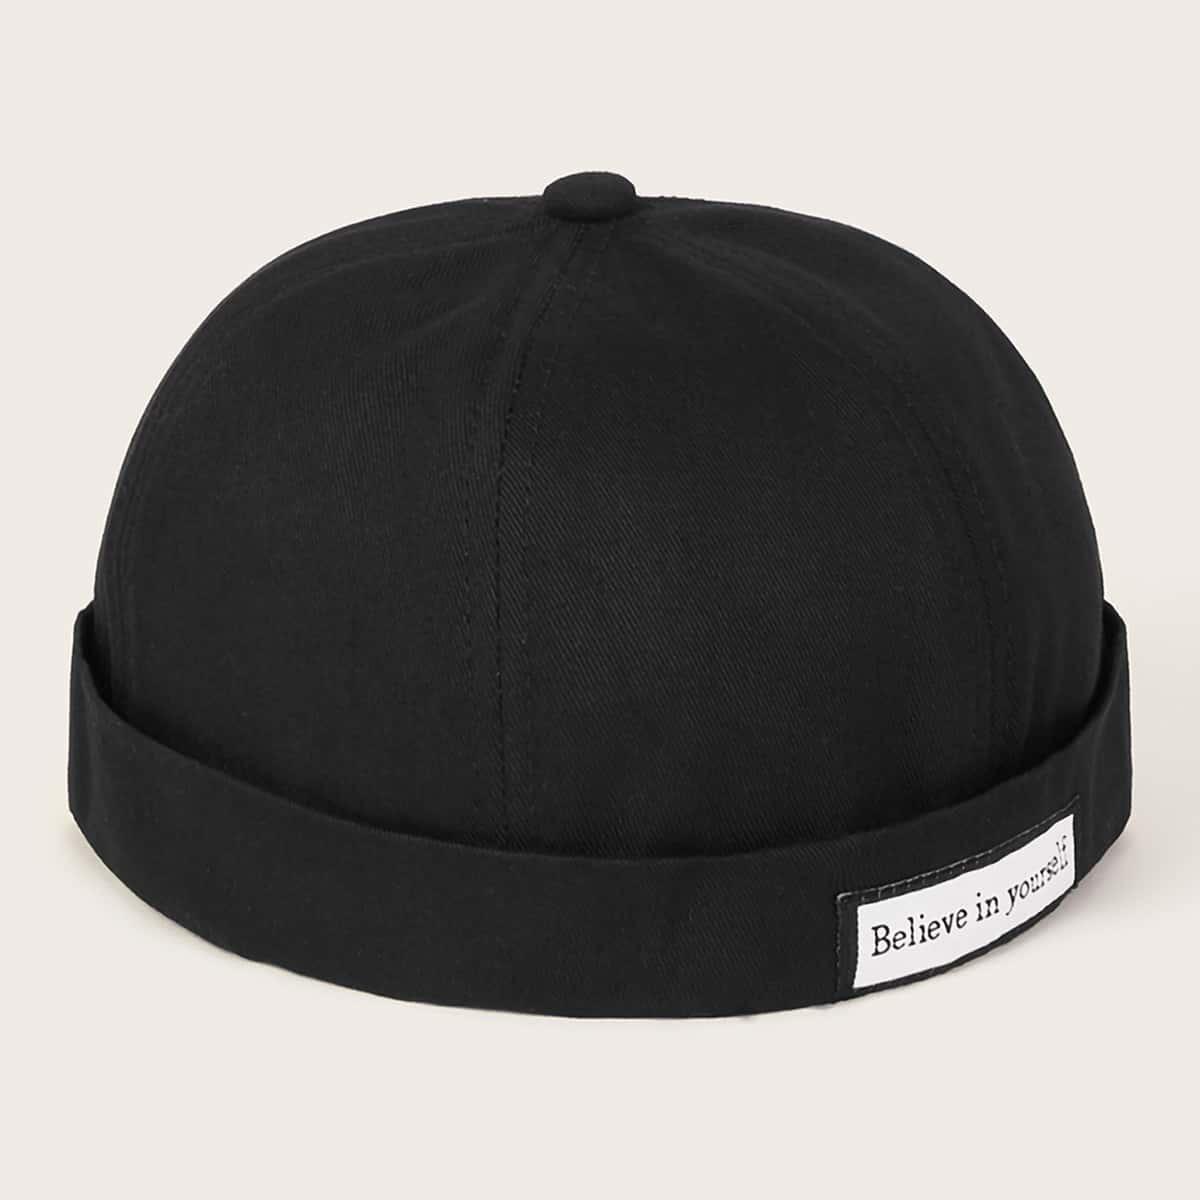 Мужская шапочка с текстовым узором от SHEIN